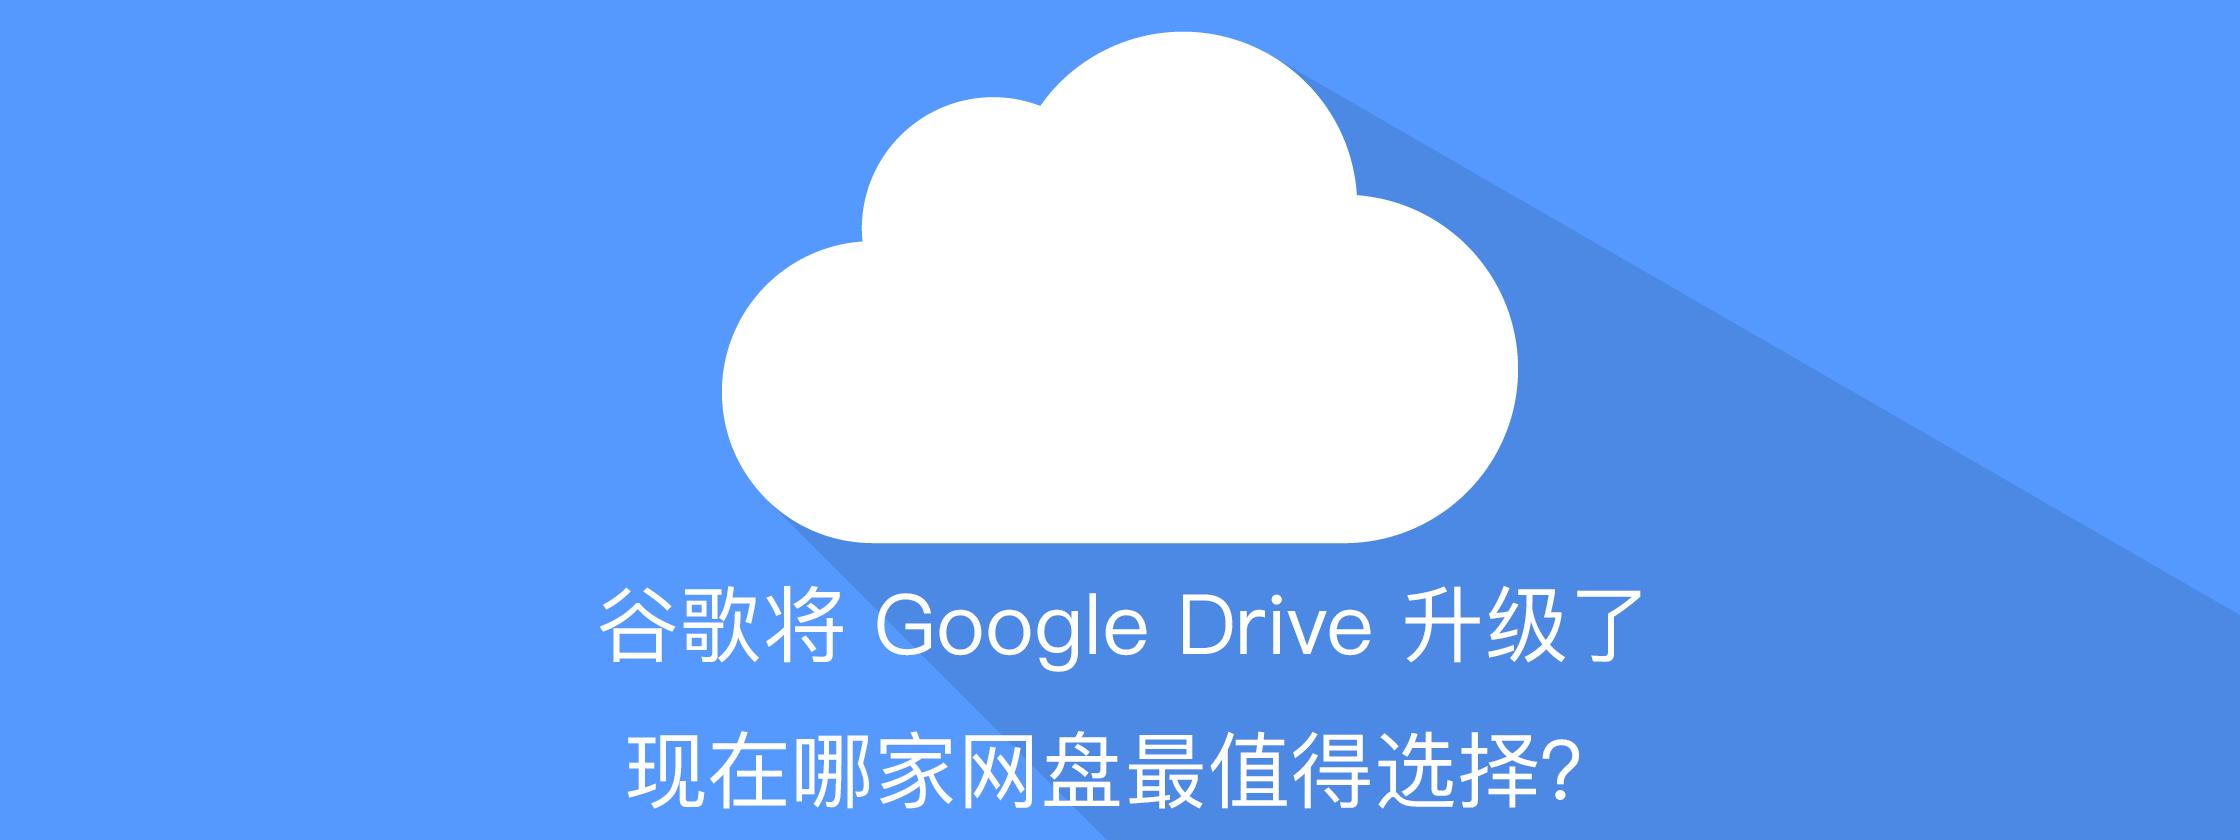 谷歌将 Google Drive 升级了,现在哪家网盘最值得选择?